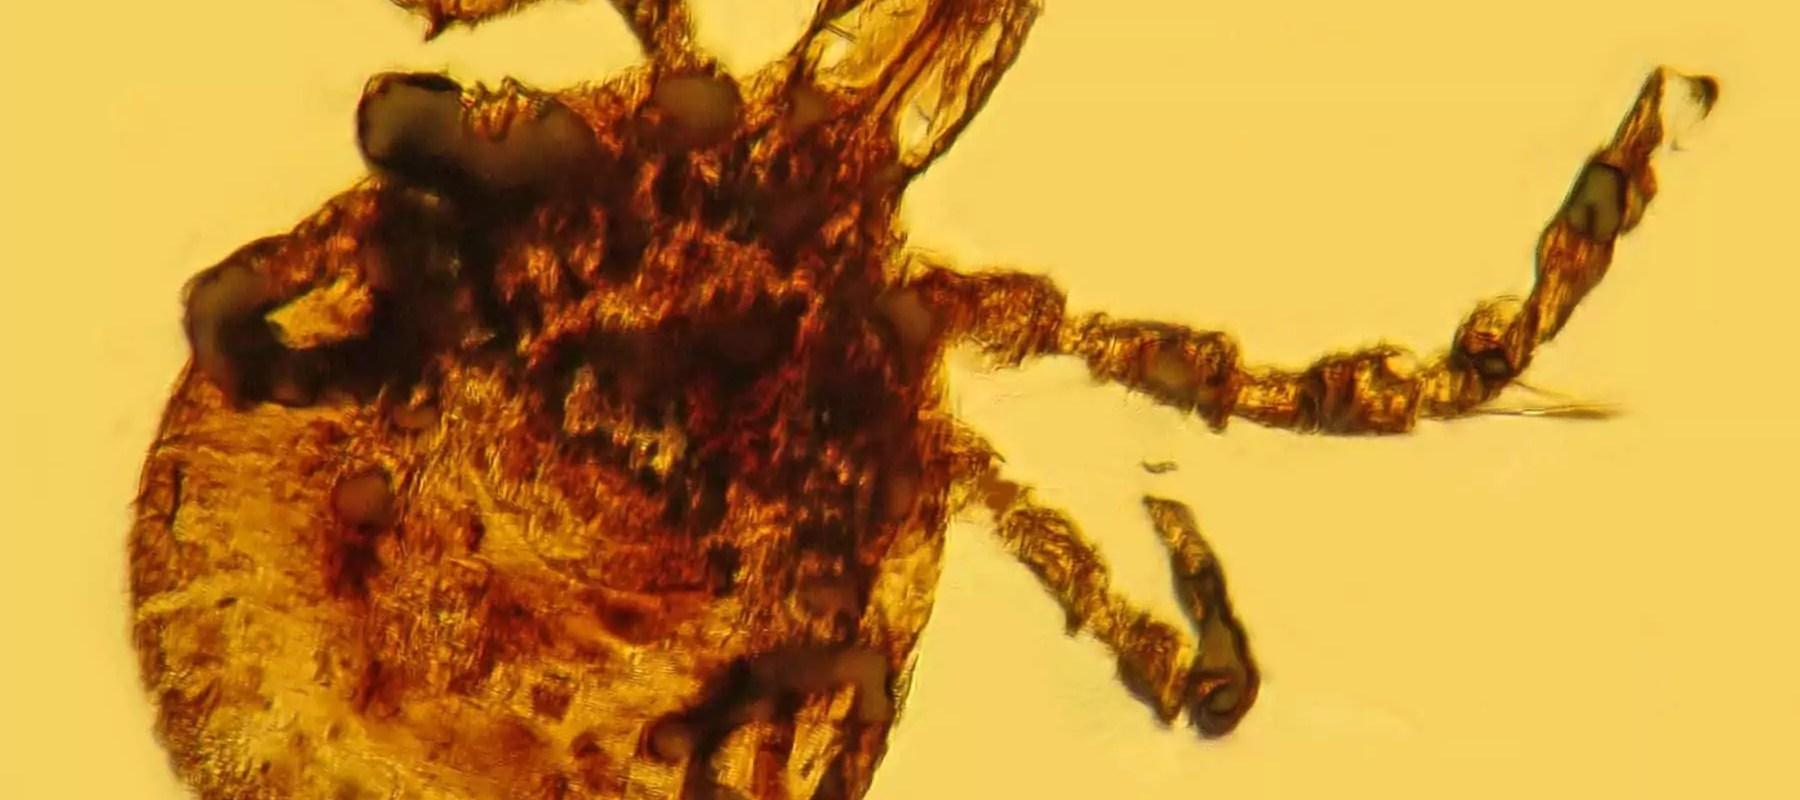 Maladie de Lyme : plus de 100 médecins lancent un cri d'alarme